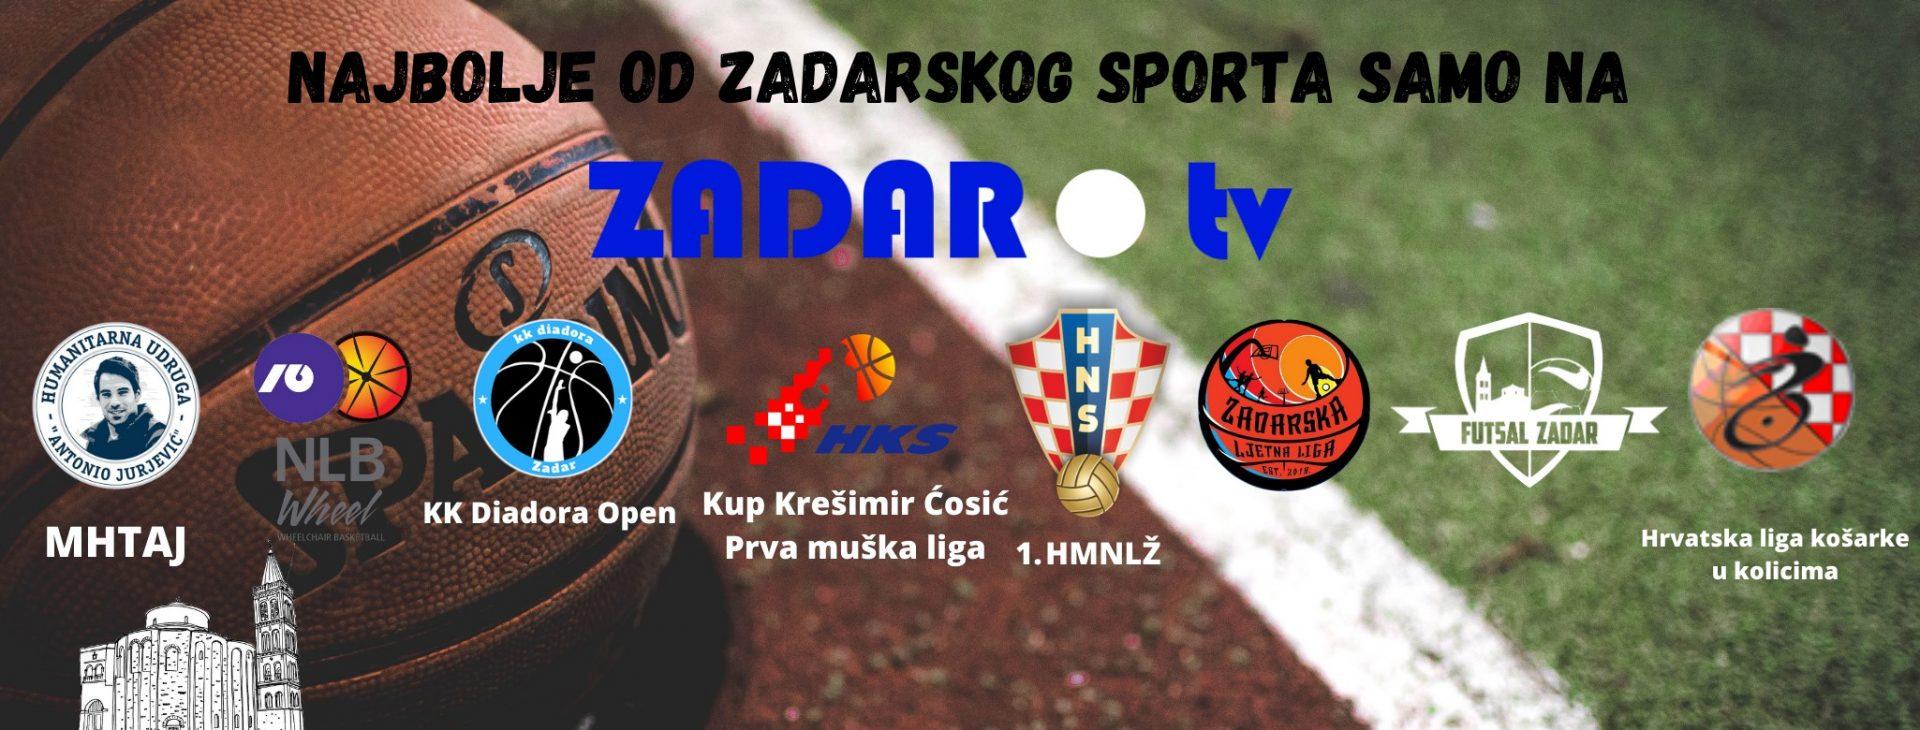 Zadar.TV